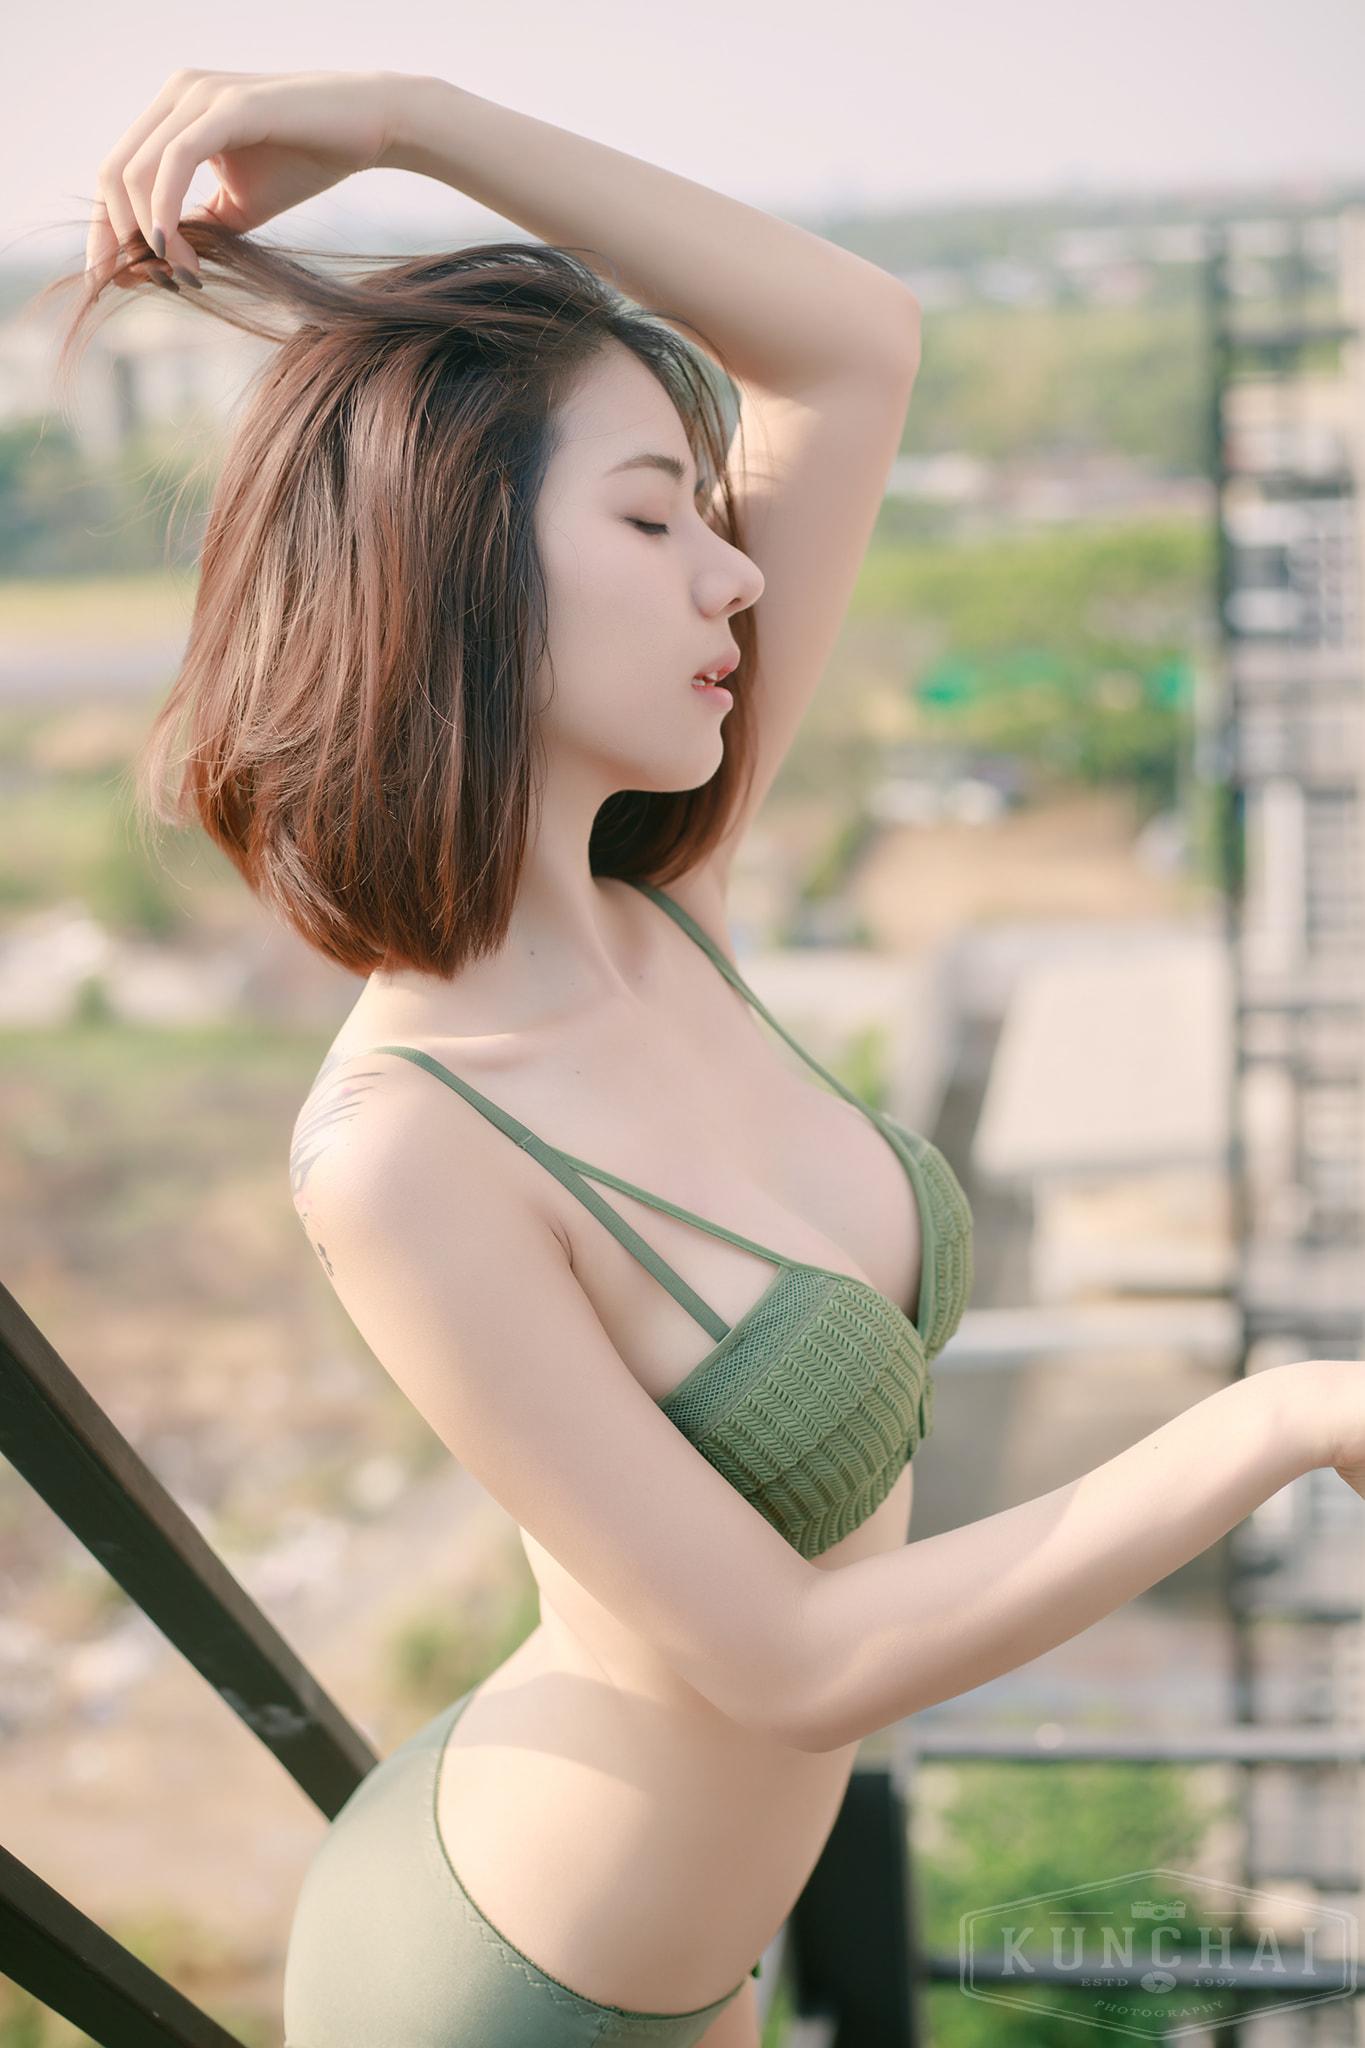 Creamy Green Part 2 - Giekao Klaorethai